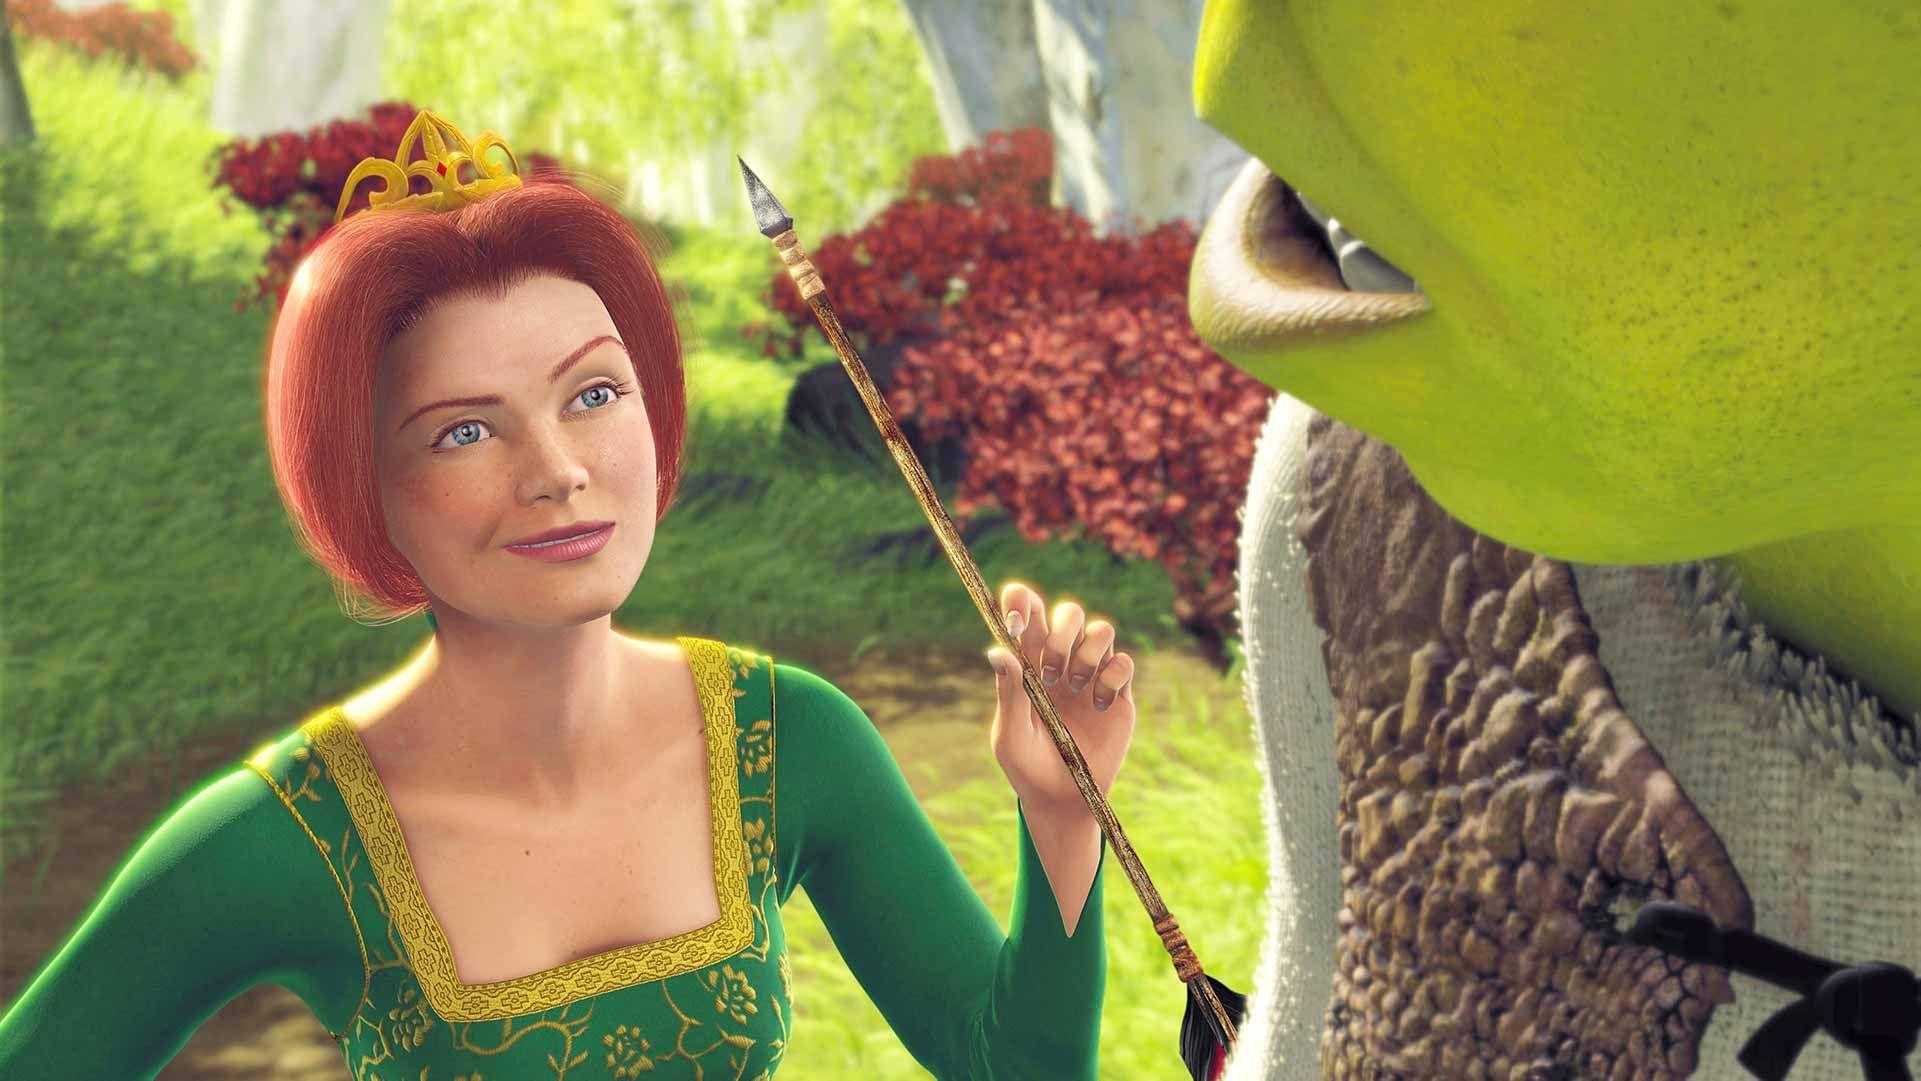 Princess Fiona and Shrek.